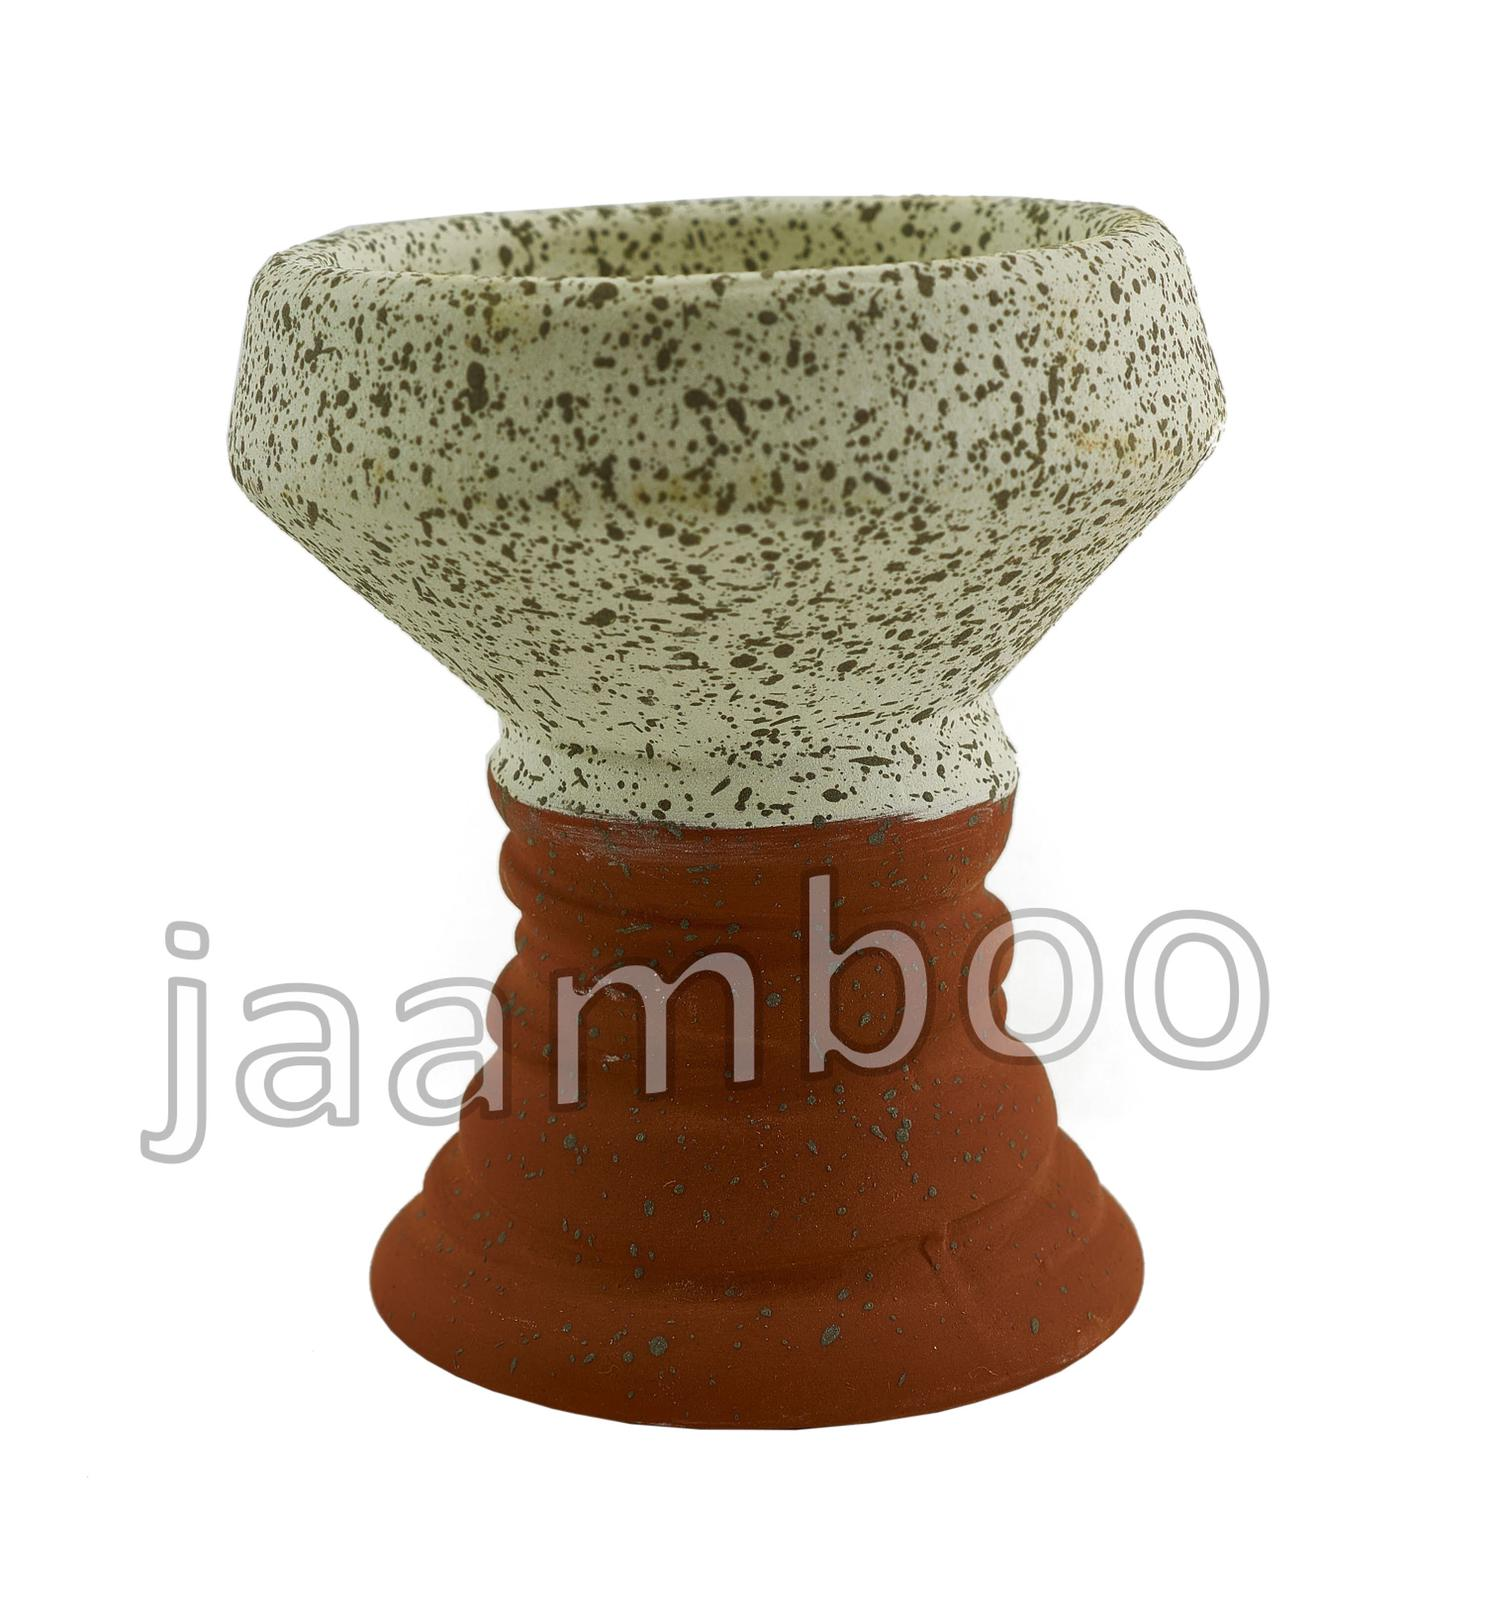 Köpfe Jaamboo K2